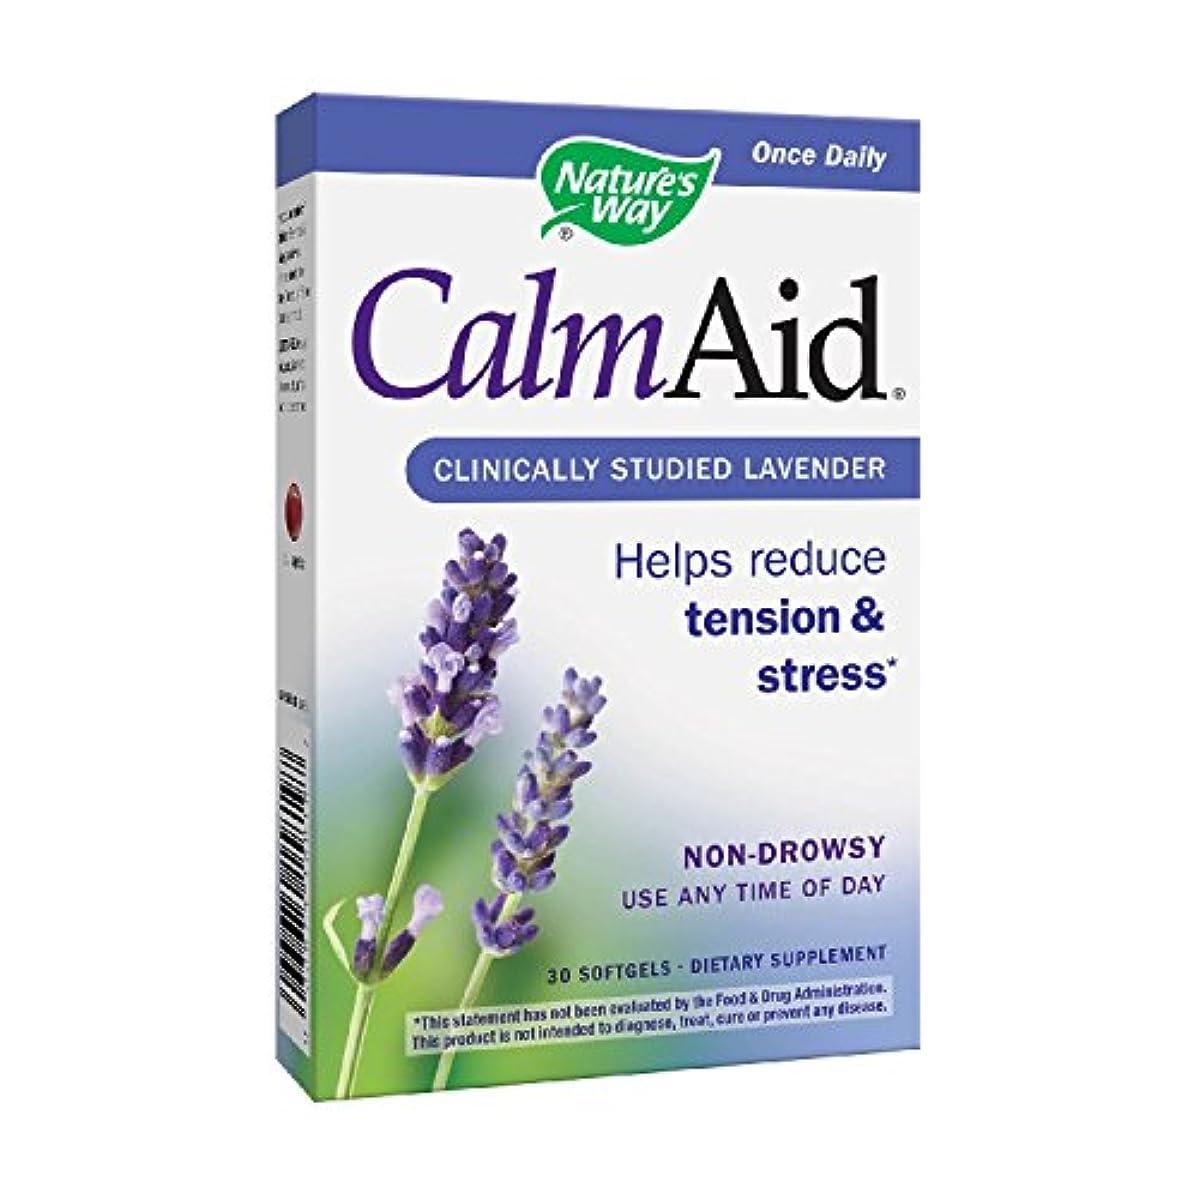 理想的には過敏な落ち着いて海外直送品 Nature's Way Calm Aid, 30 sgels